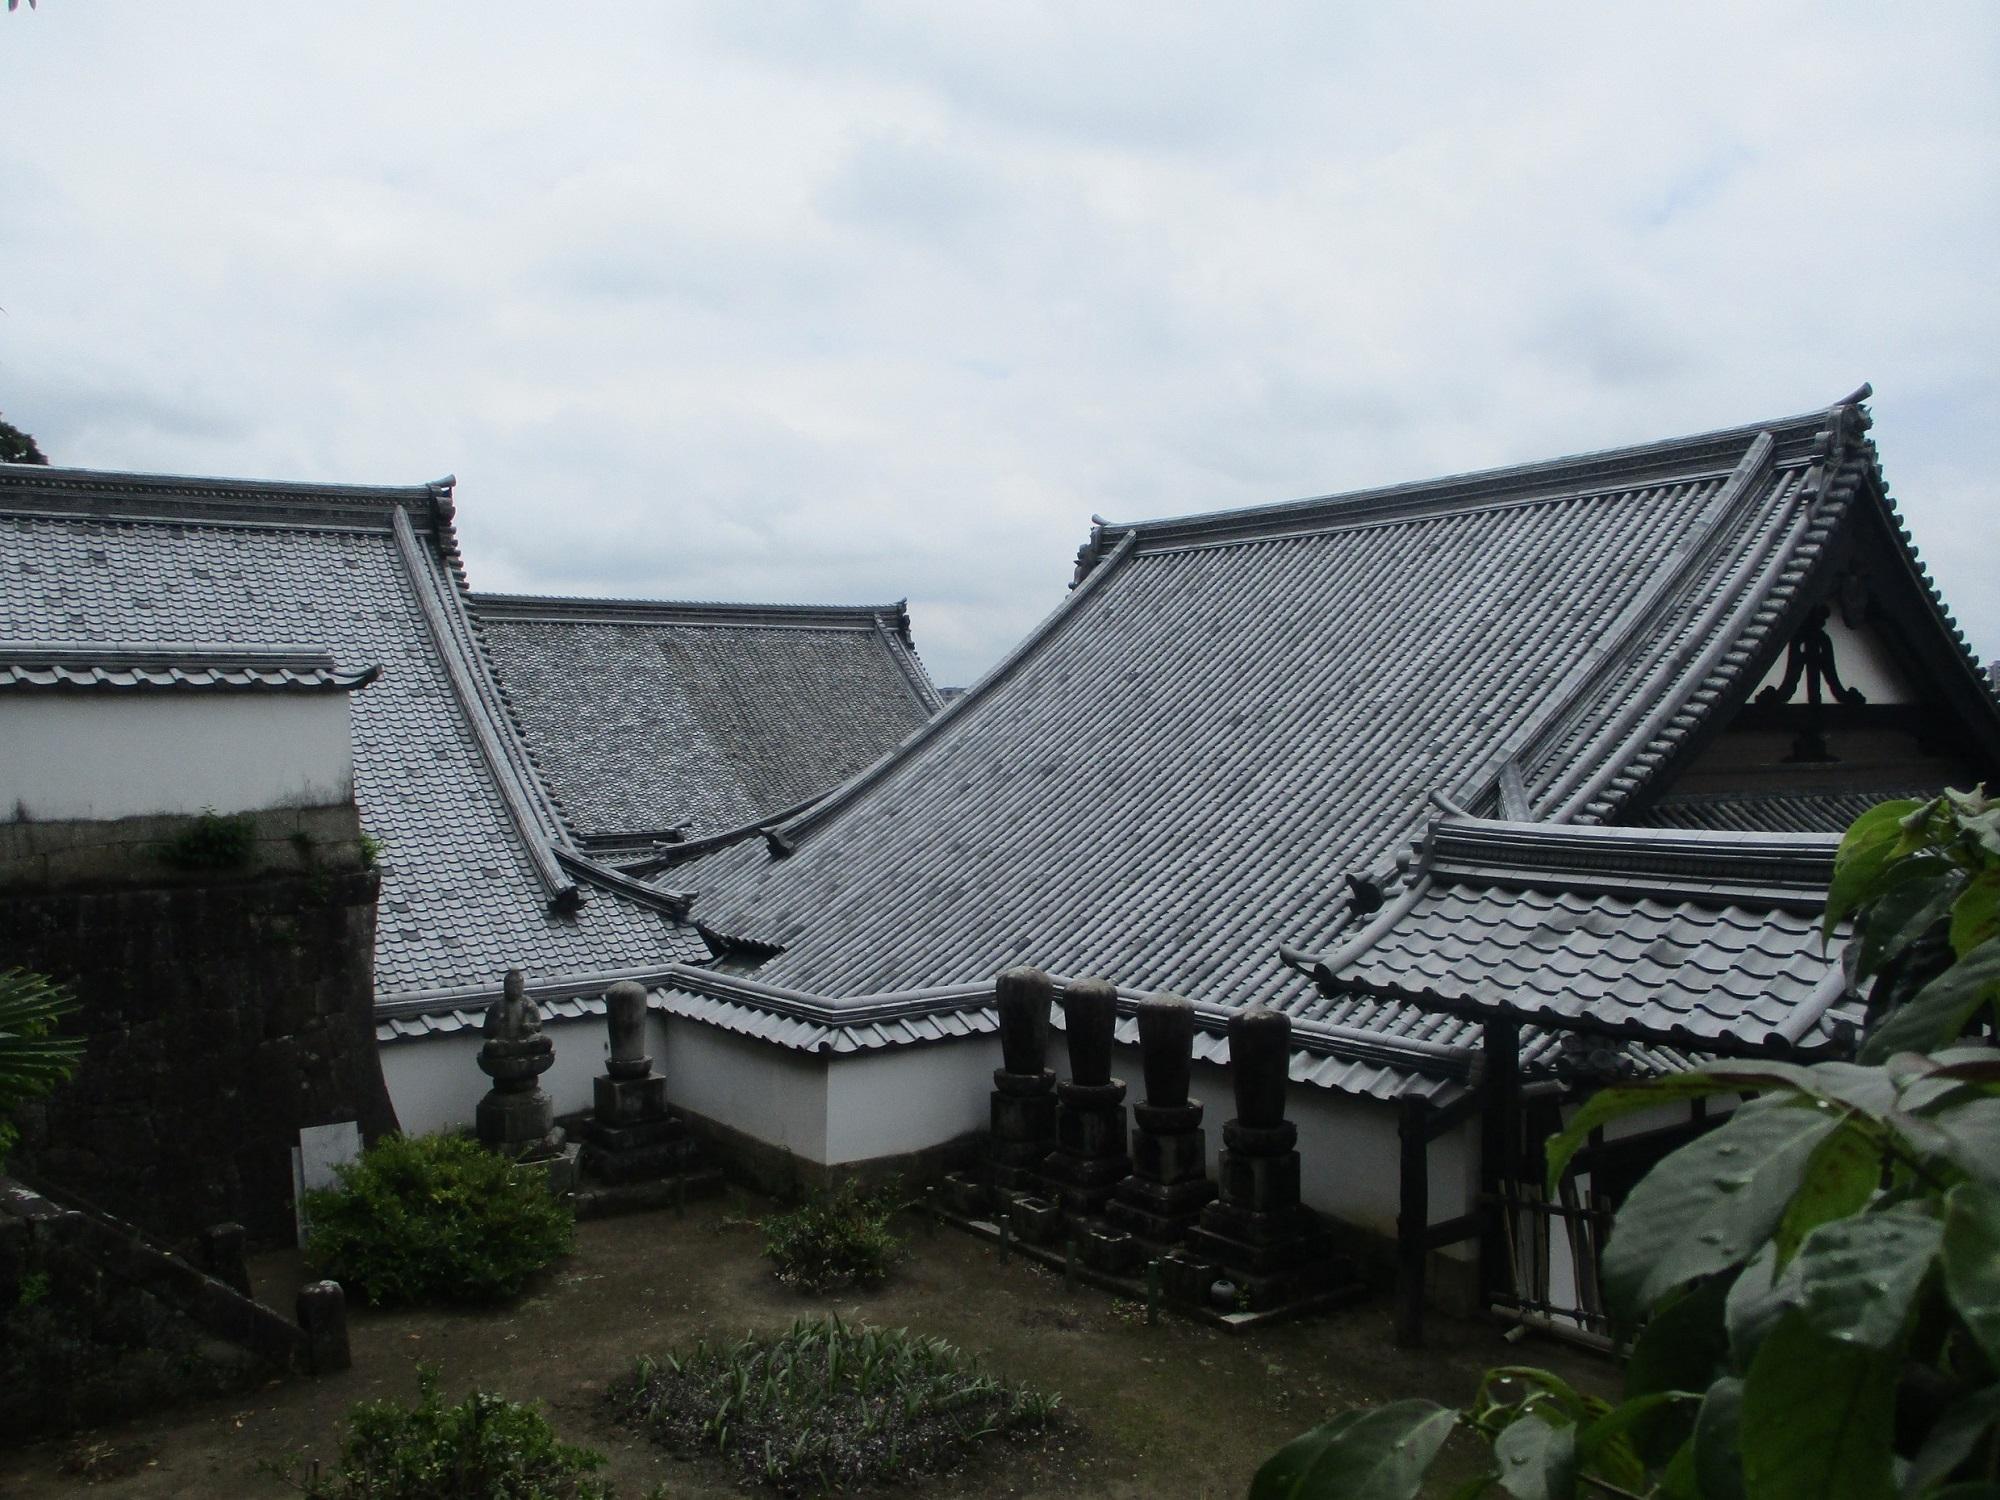 2020.5.19 (15) 随念寺 - 清康と久子のはかと伽藍群 2000-1500